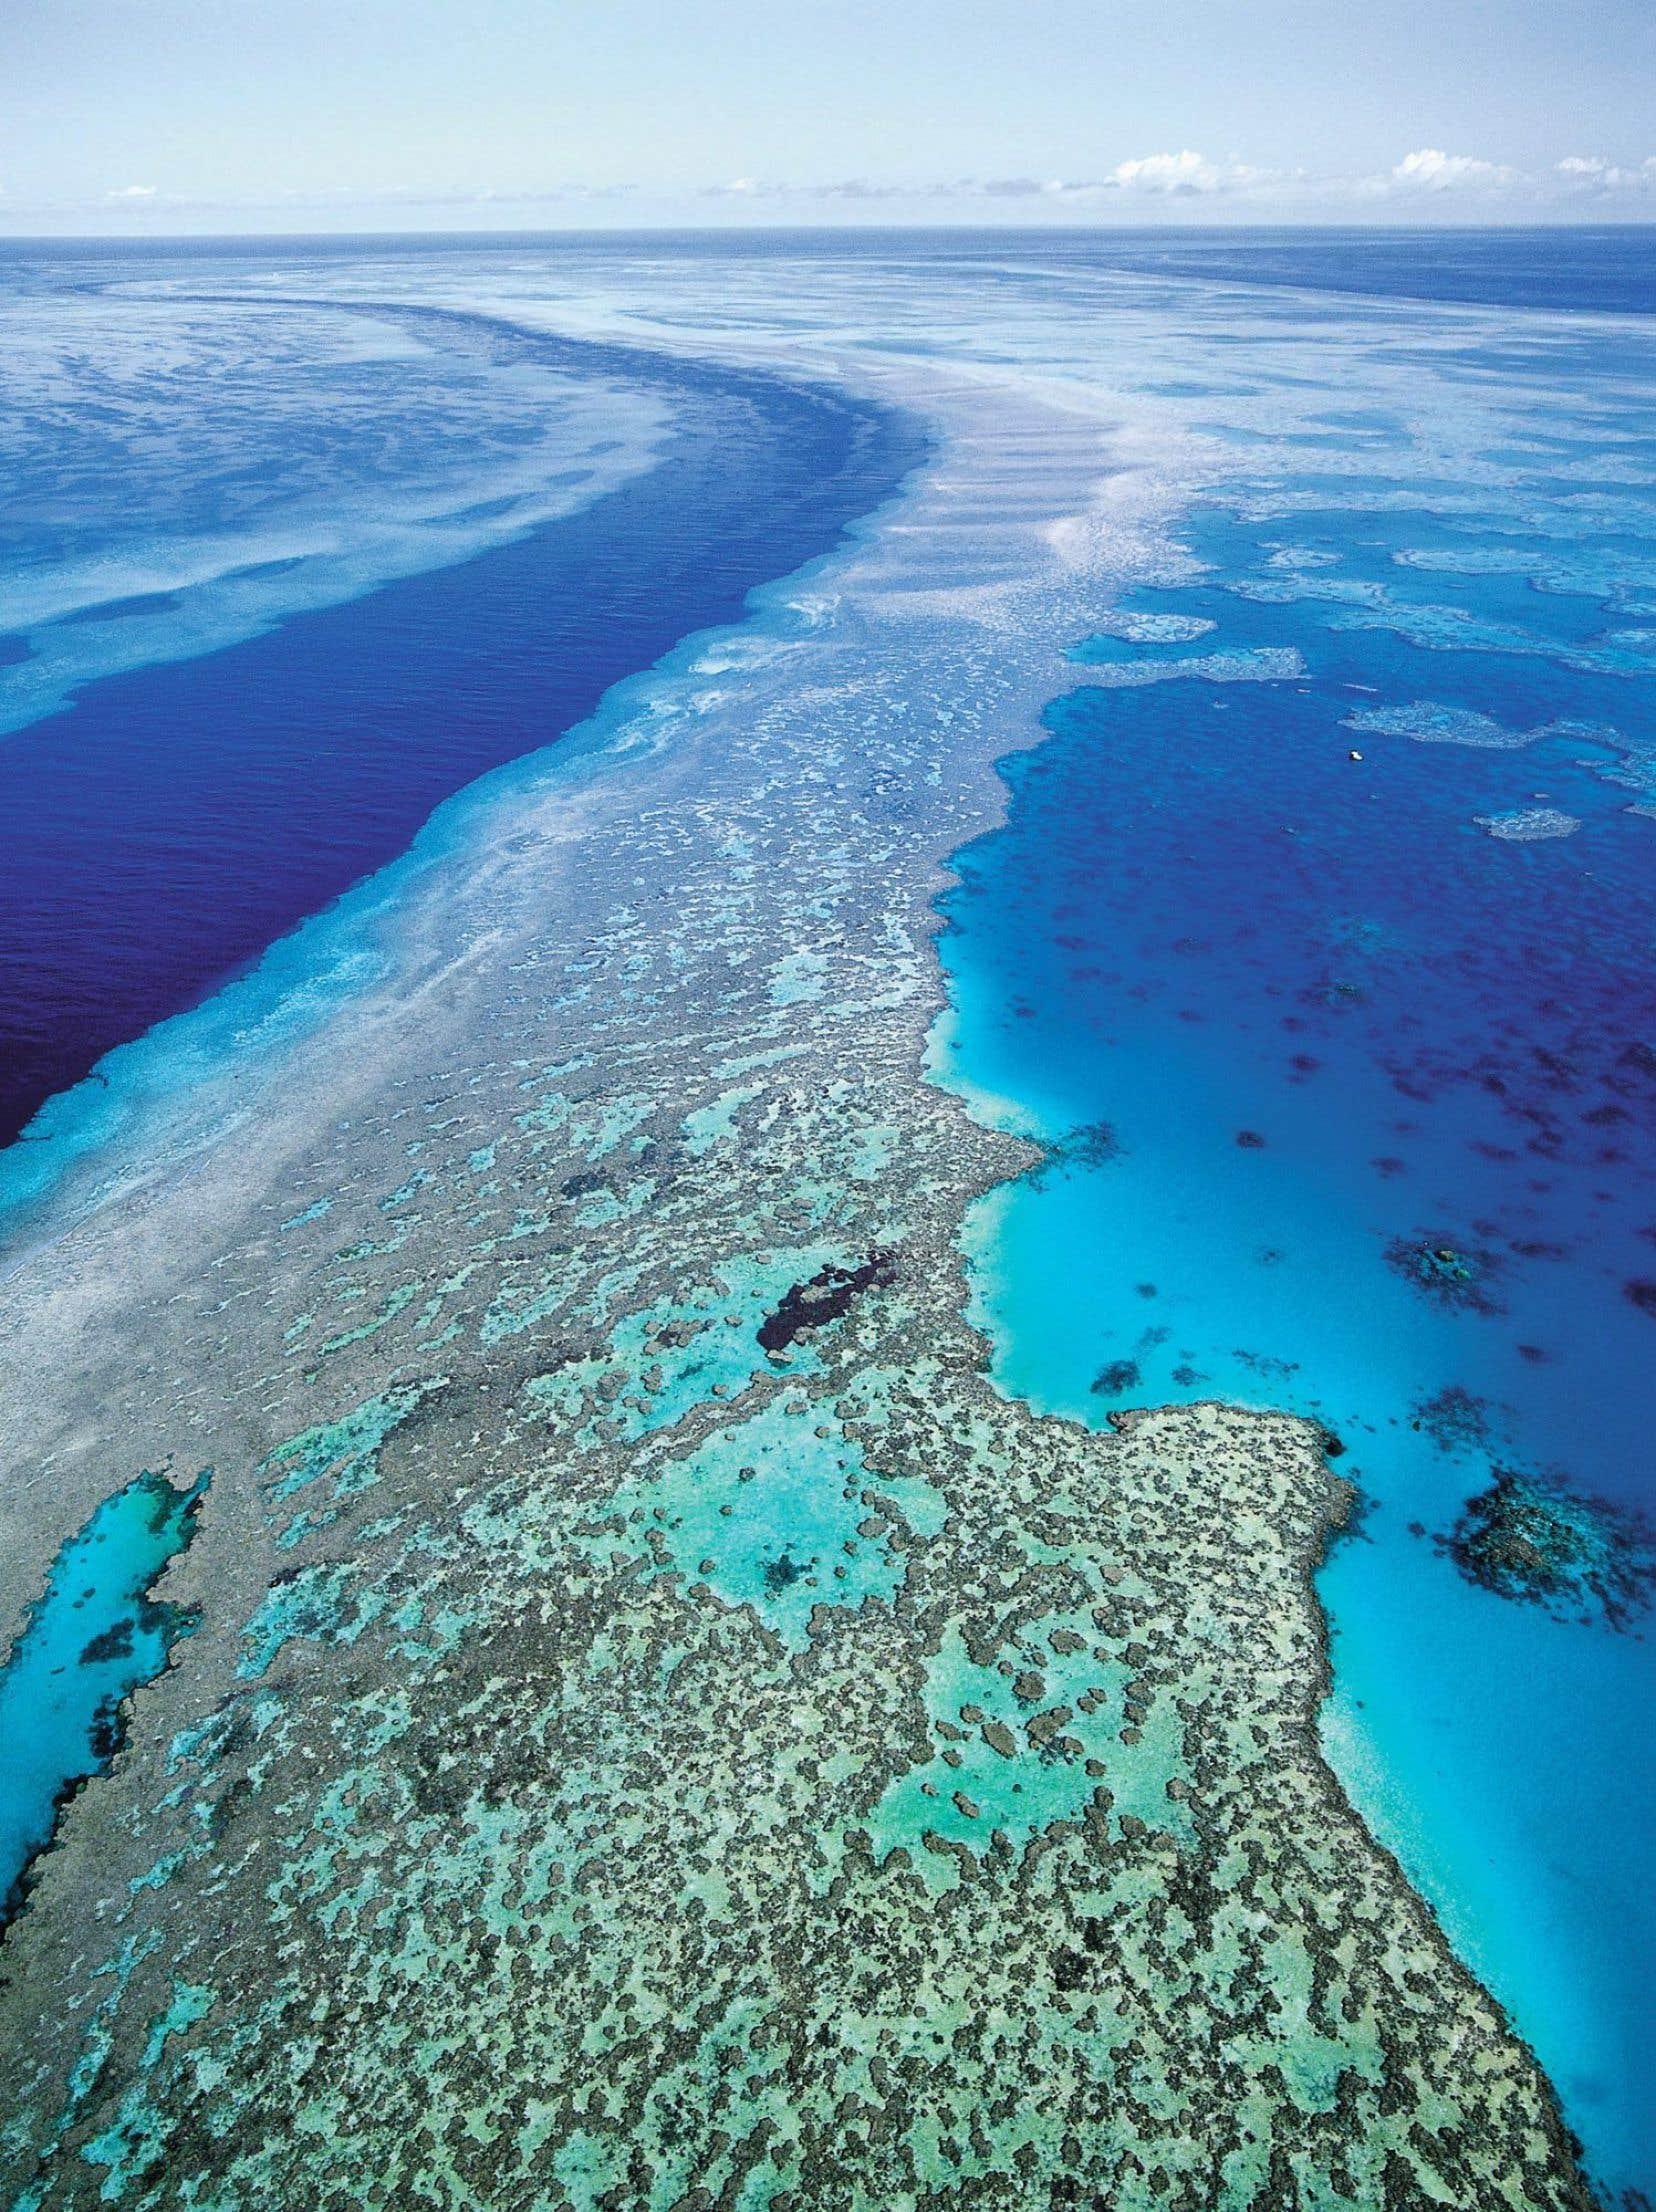 Selon les résultats d'une étude américaine publiée en 2013, la Grande Barrière a perdu la moitié de ses coraux en à peine trois décennies.